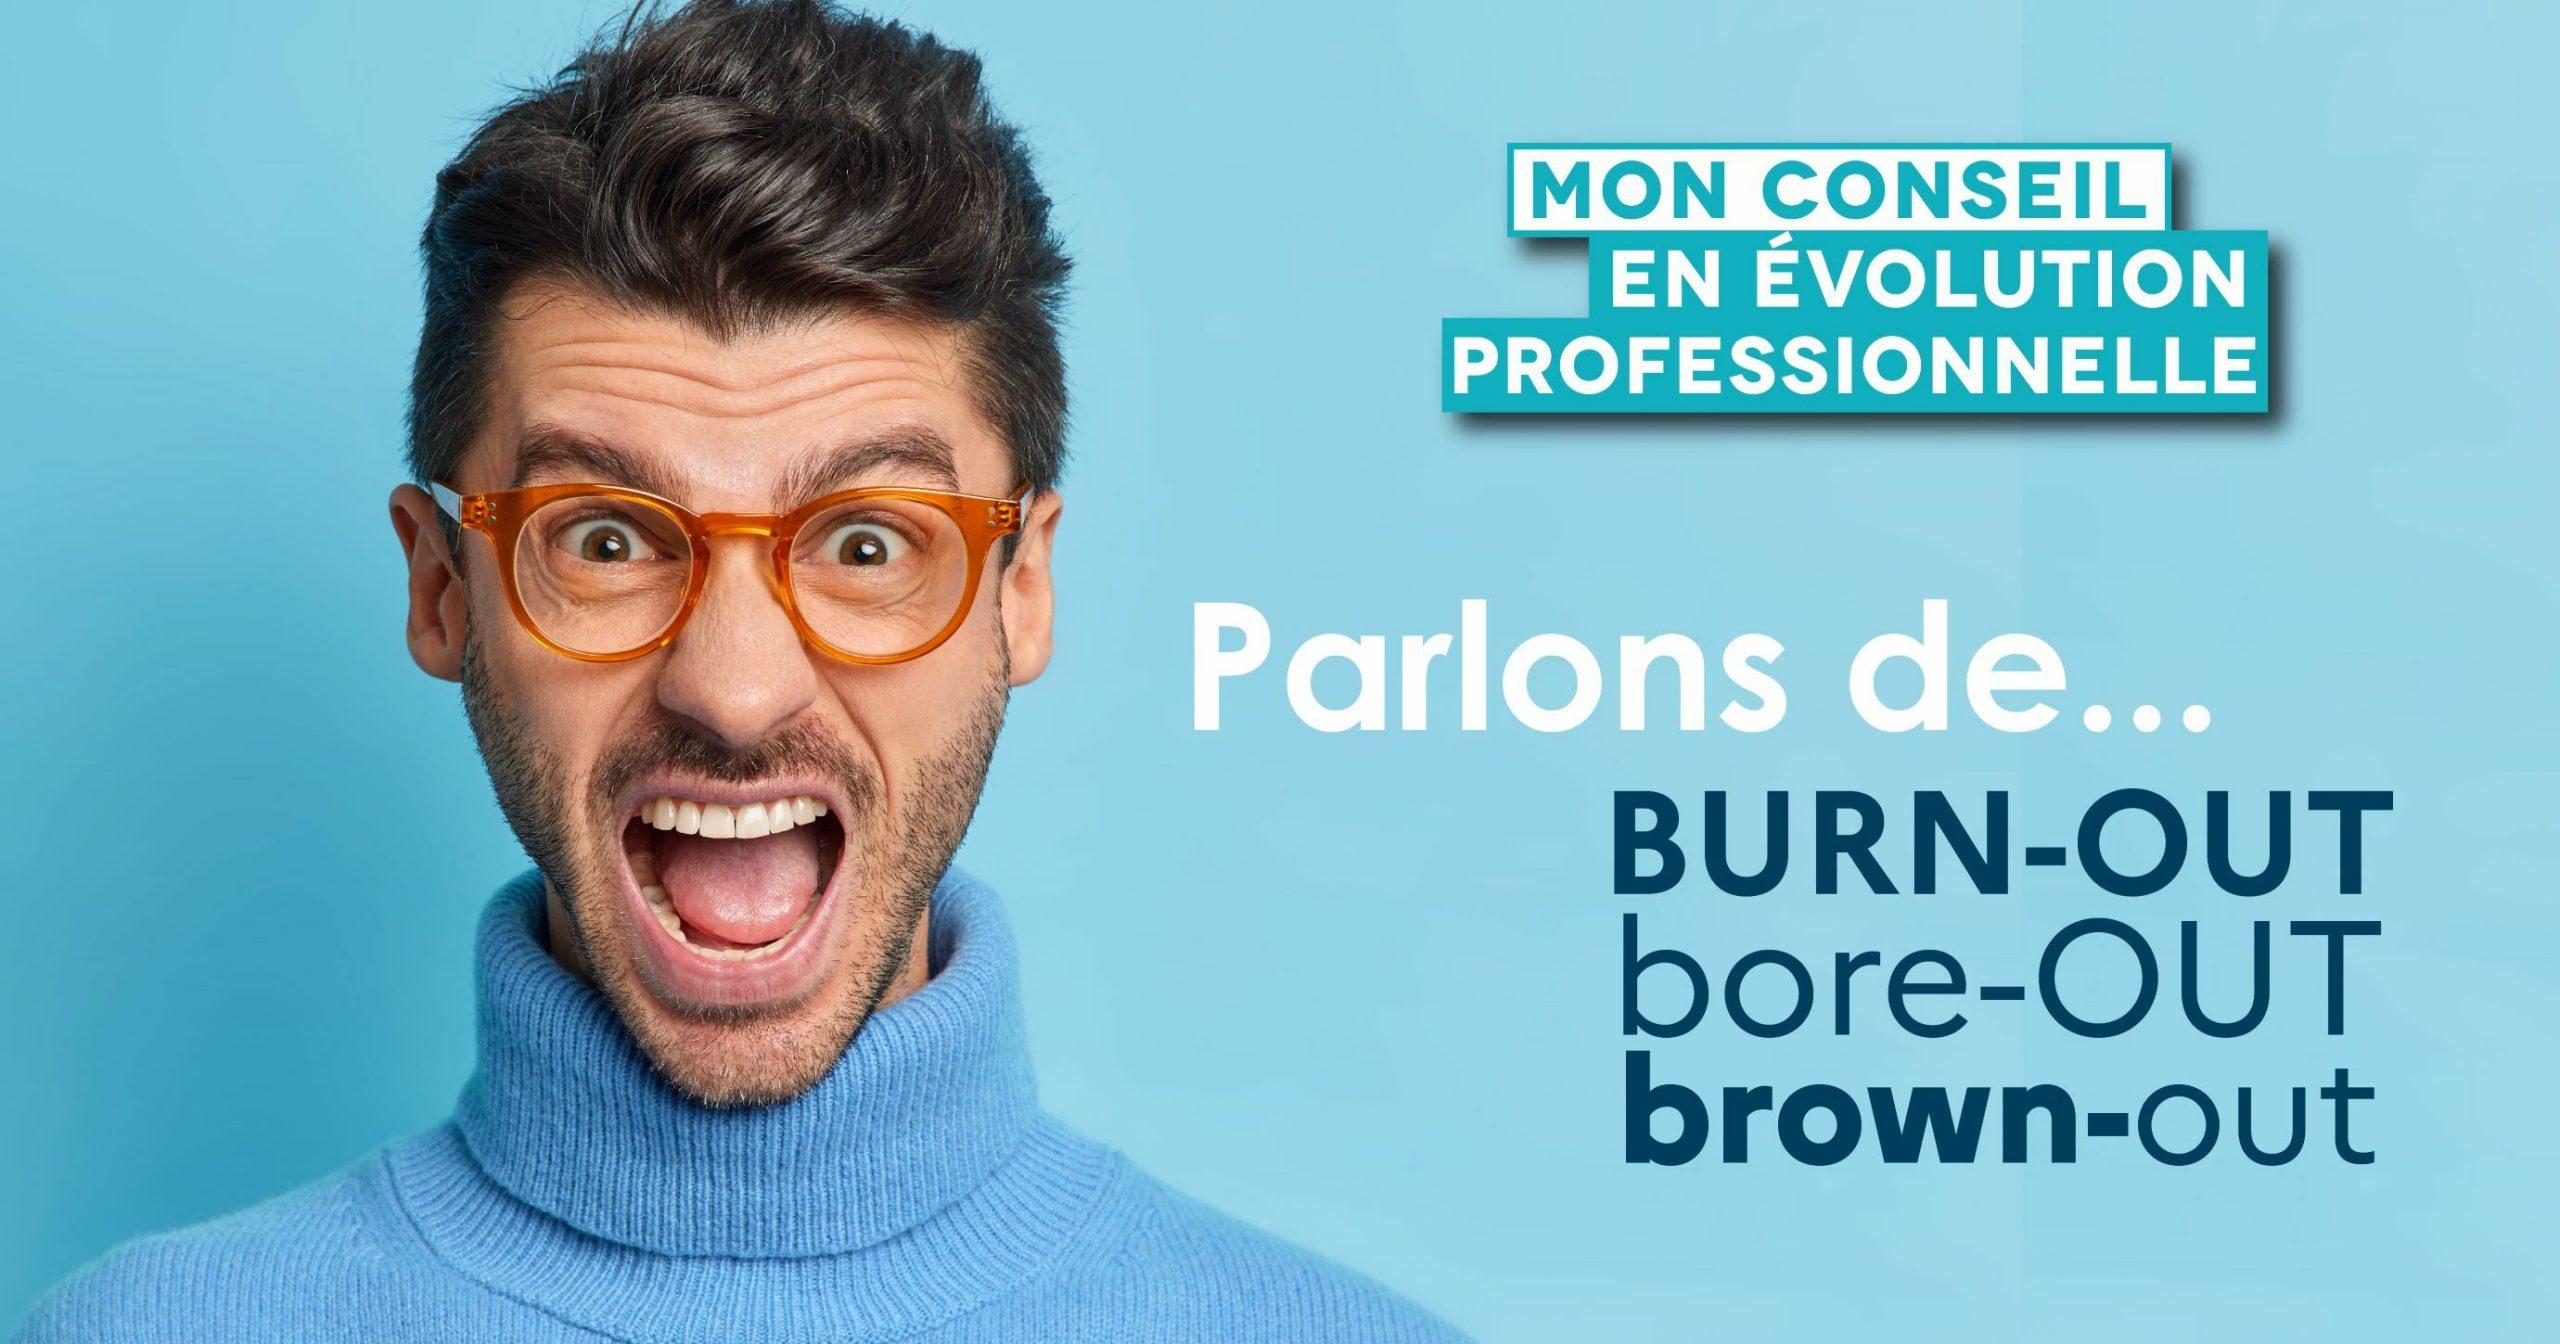 Burn-out, envisagez des solutions avec le conseil en évolution professionnelle